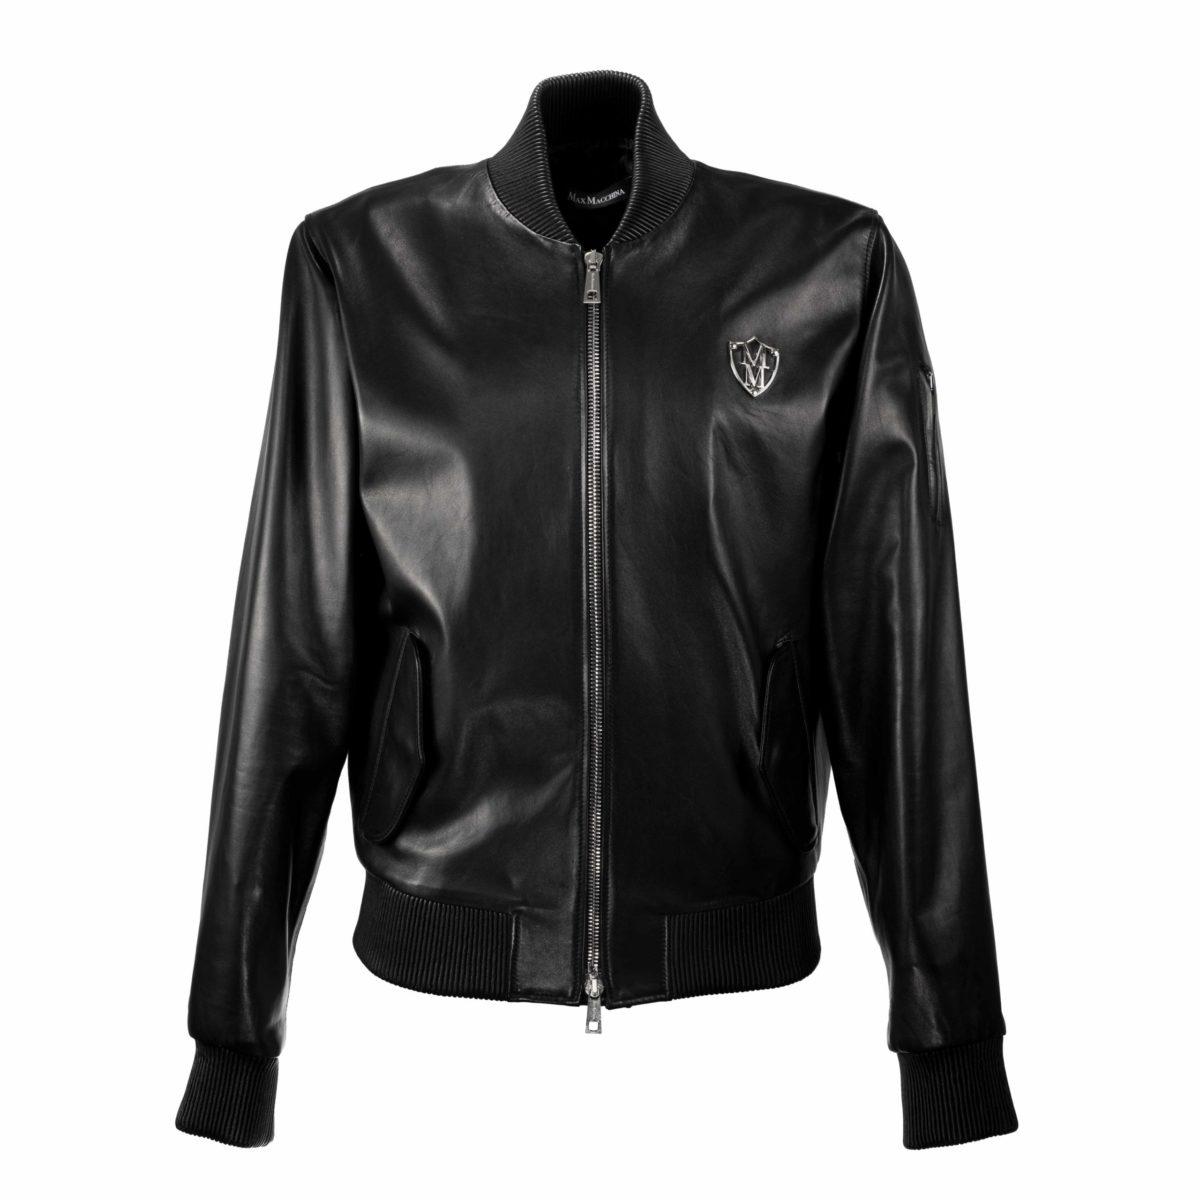 Luxury_Bomber_Leather_Jacket_Rob_Front